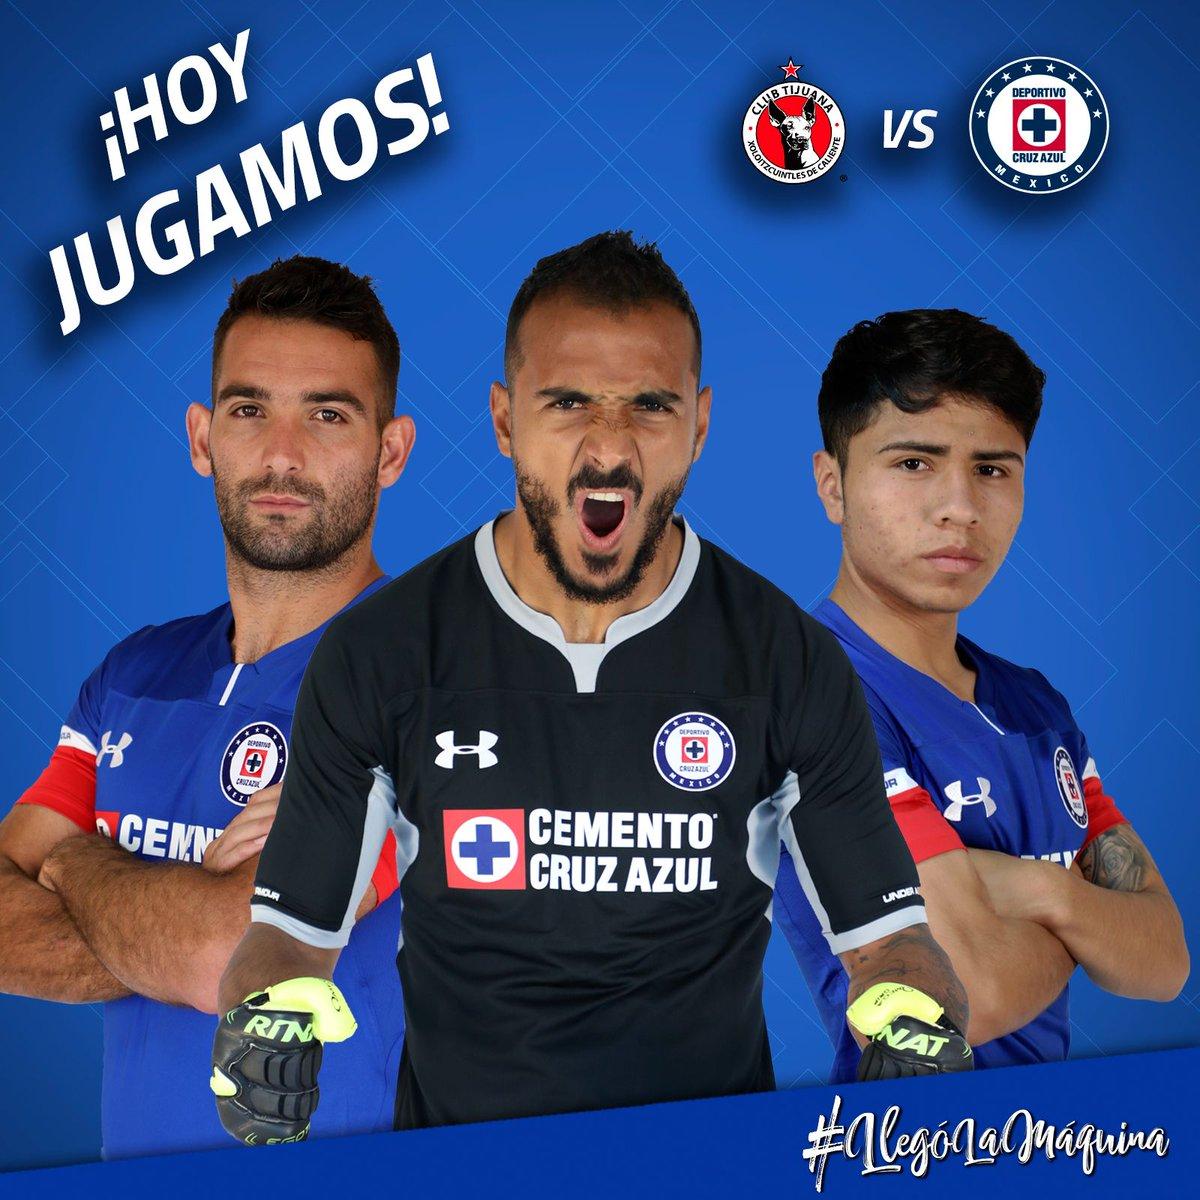 ¡Hoy juega La Máquina! Nuestro equipo visita a Tijuana en el estadio Caliente a las 21:15 HC, en los Octavos de Final de la Copa MX. #LlegóLaMáquina